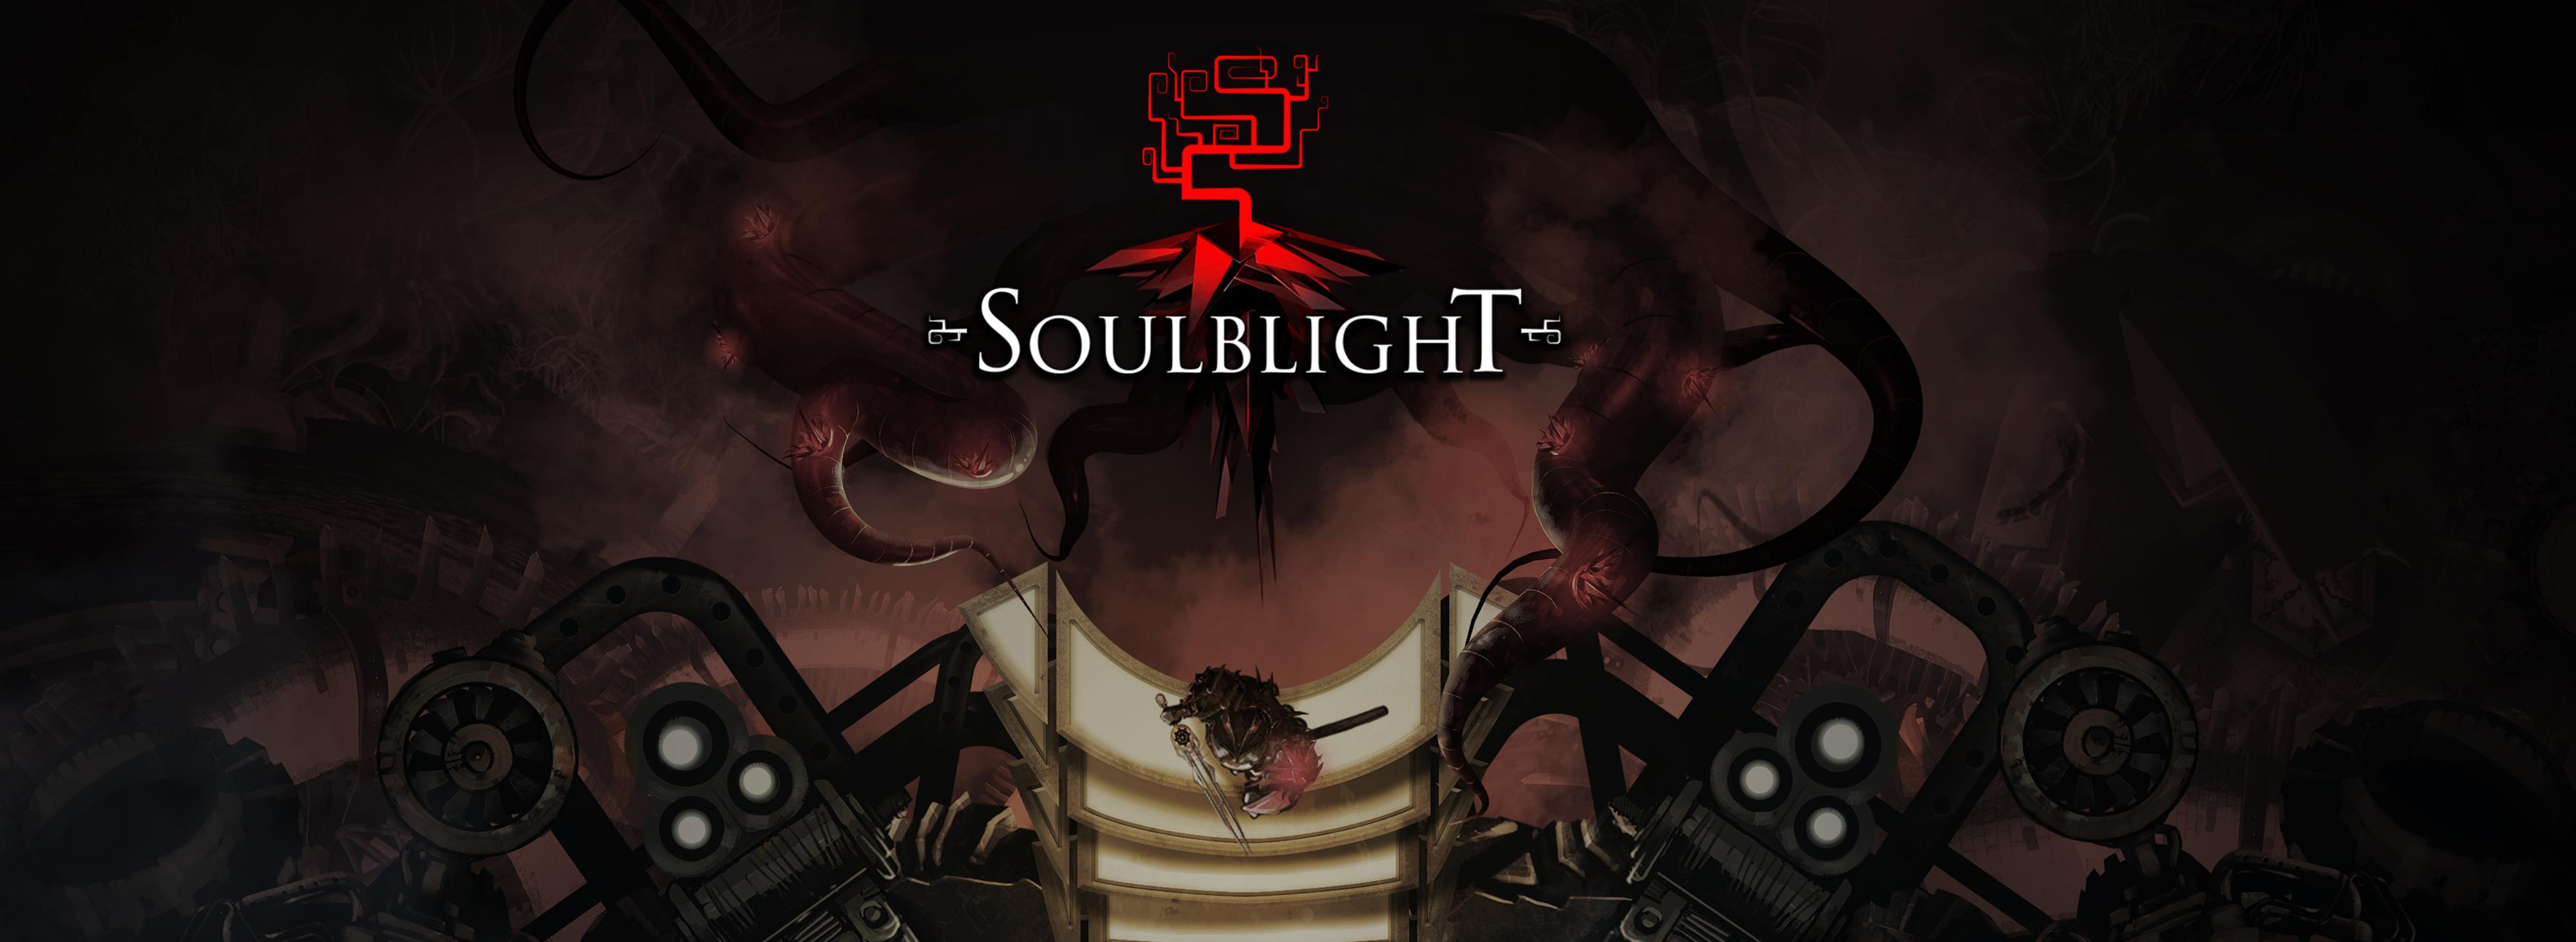 Soulblight (Demo)